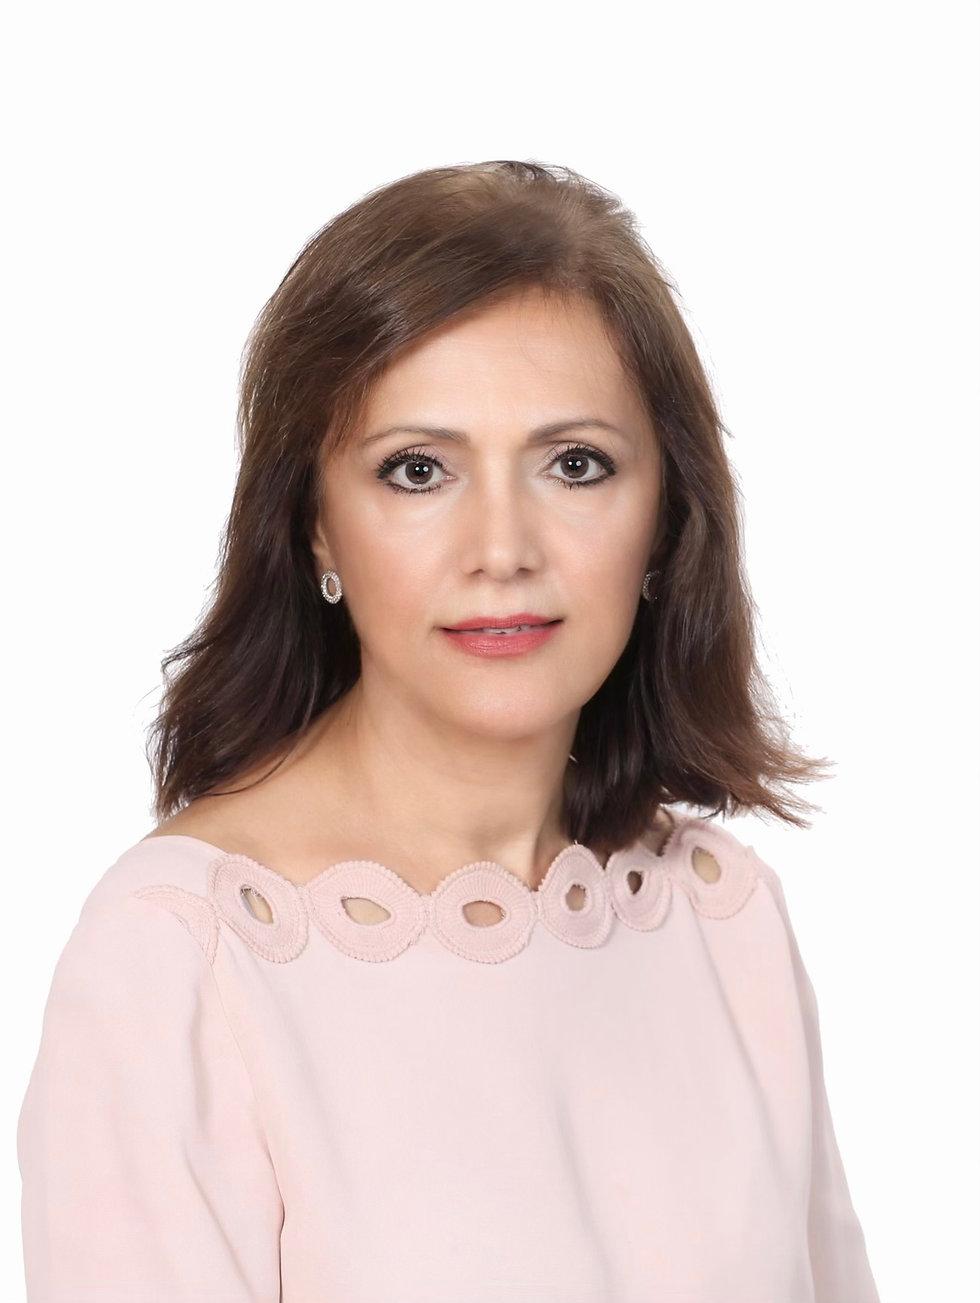 Mina Mashhour